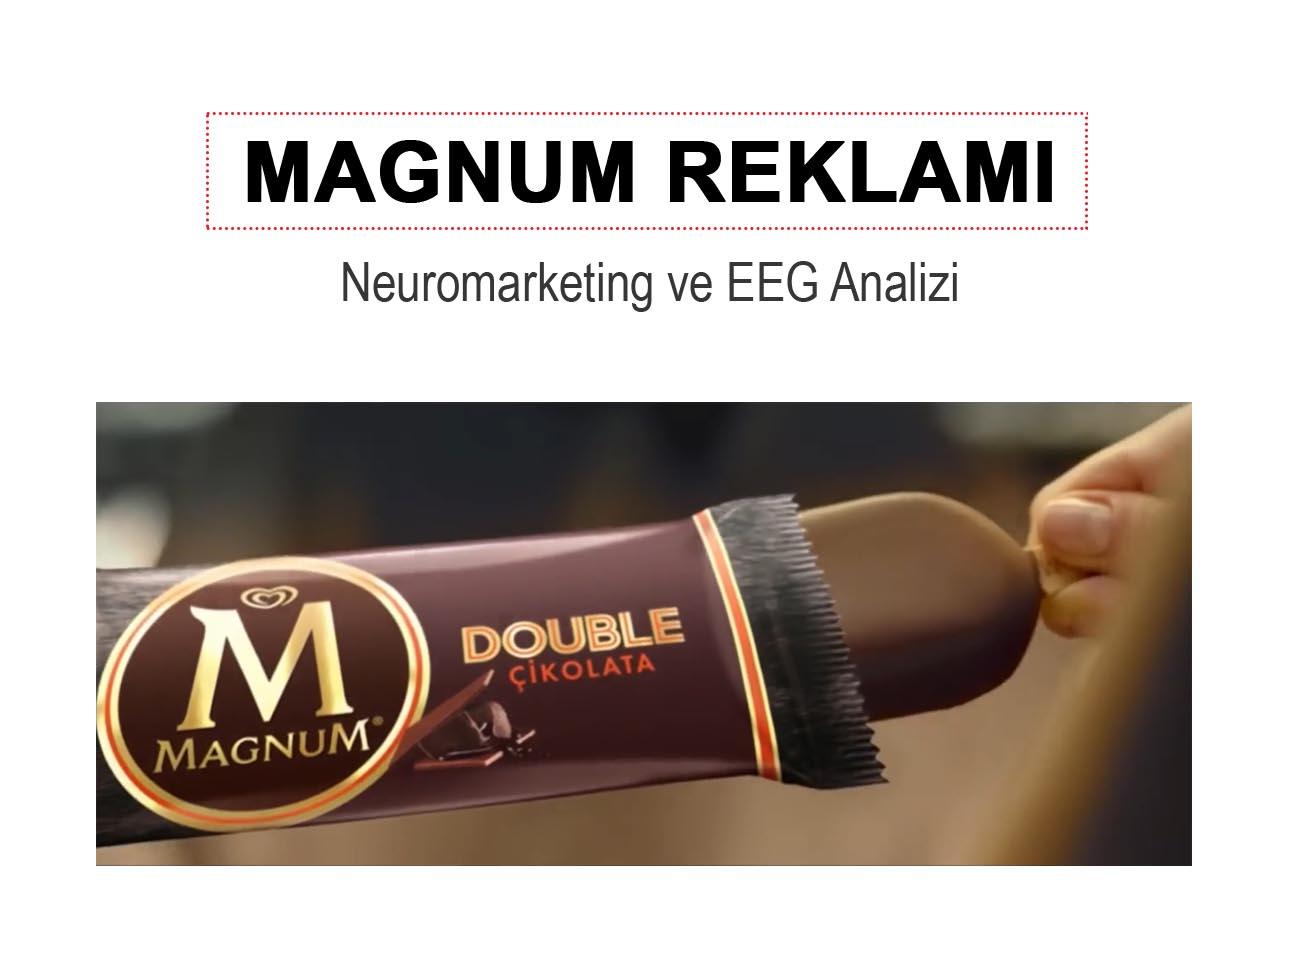 Magnum Reklamı Odağında Neuromarketing ve EEG Analizi